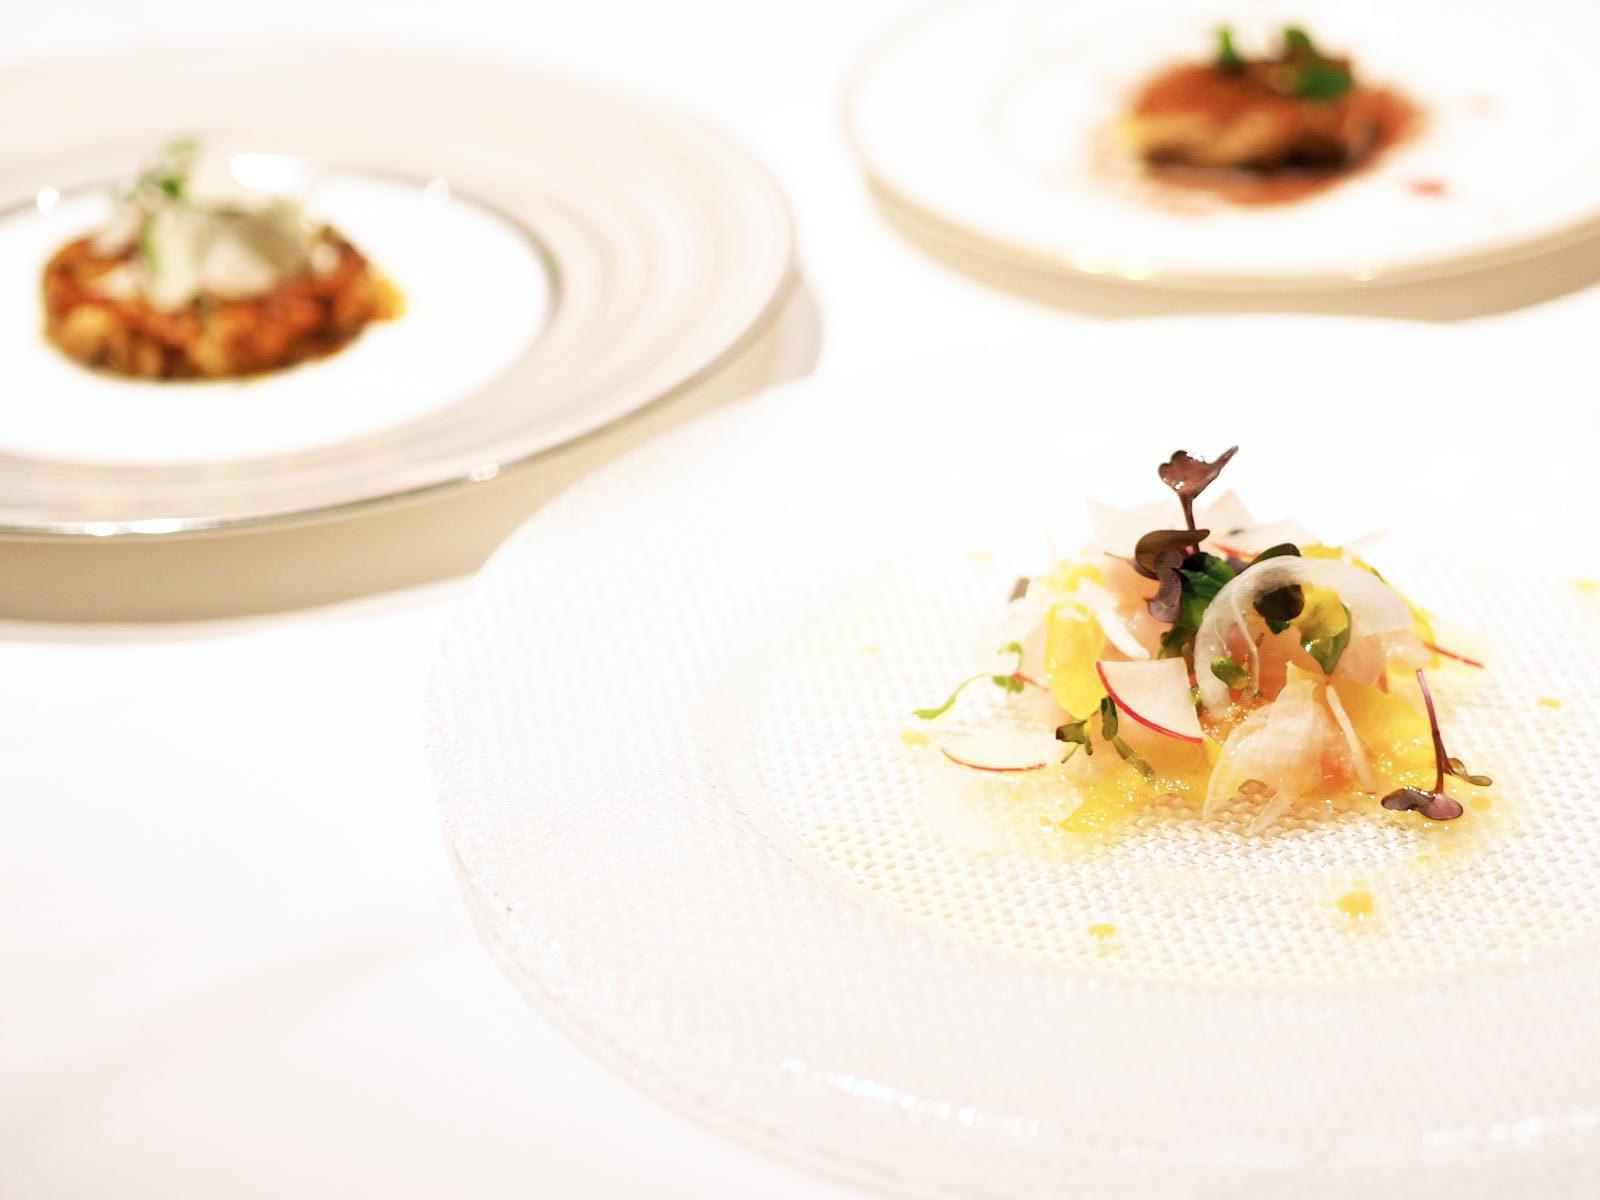 鮮魚のカルパッチョ和風スタイル・桜海老とアスパラガスの焼きリゾットとティラミス